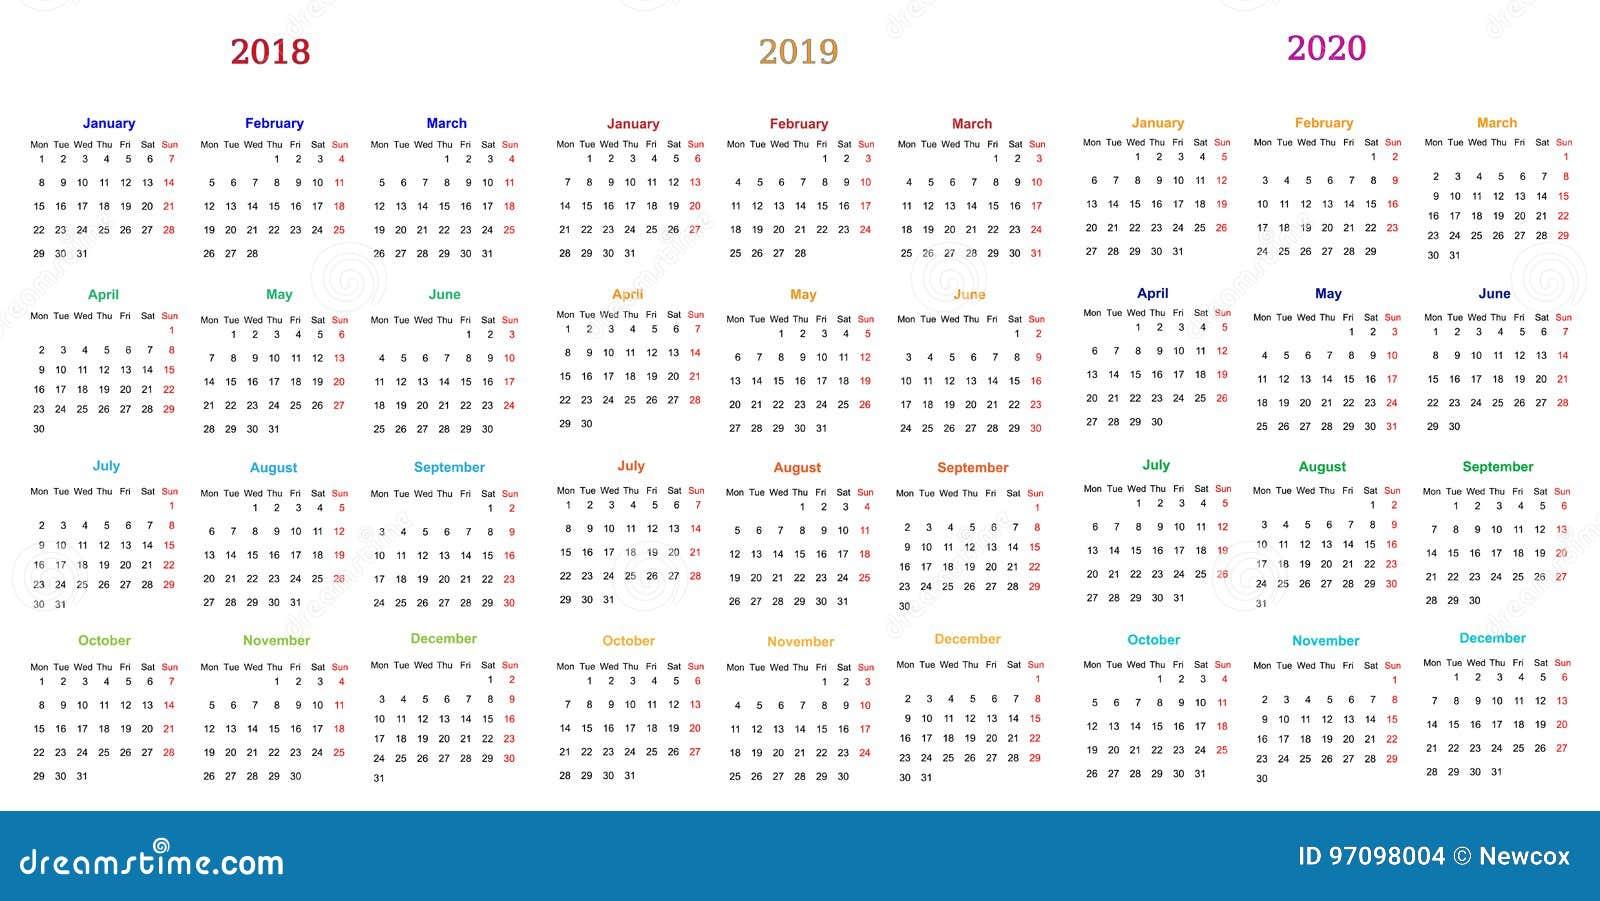 Calendario 2020 Editable Illustrator.12 Month Calendar Design 2018 2019 2020 Stock Vector